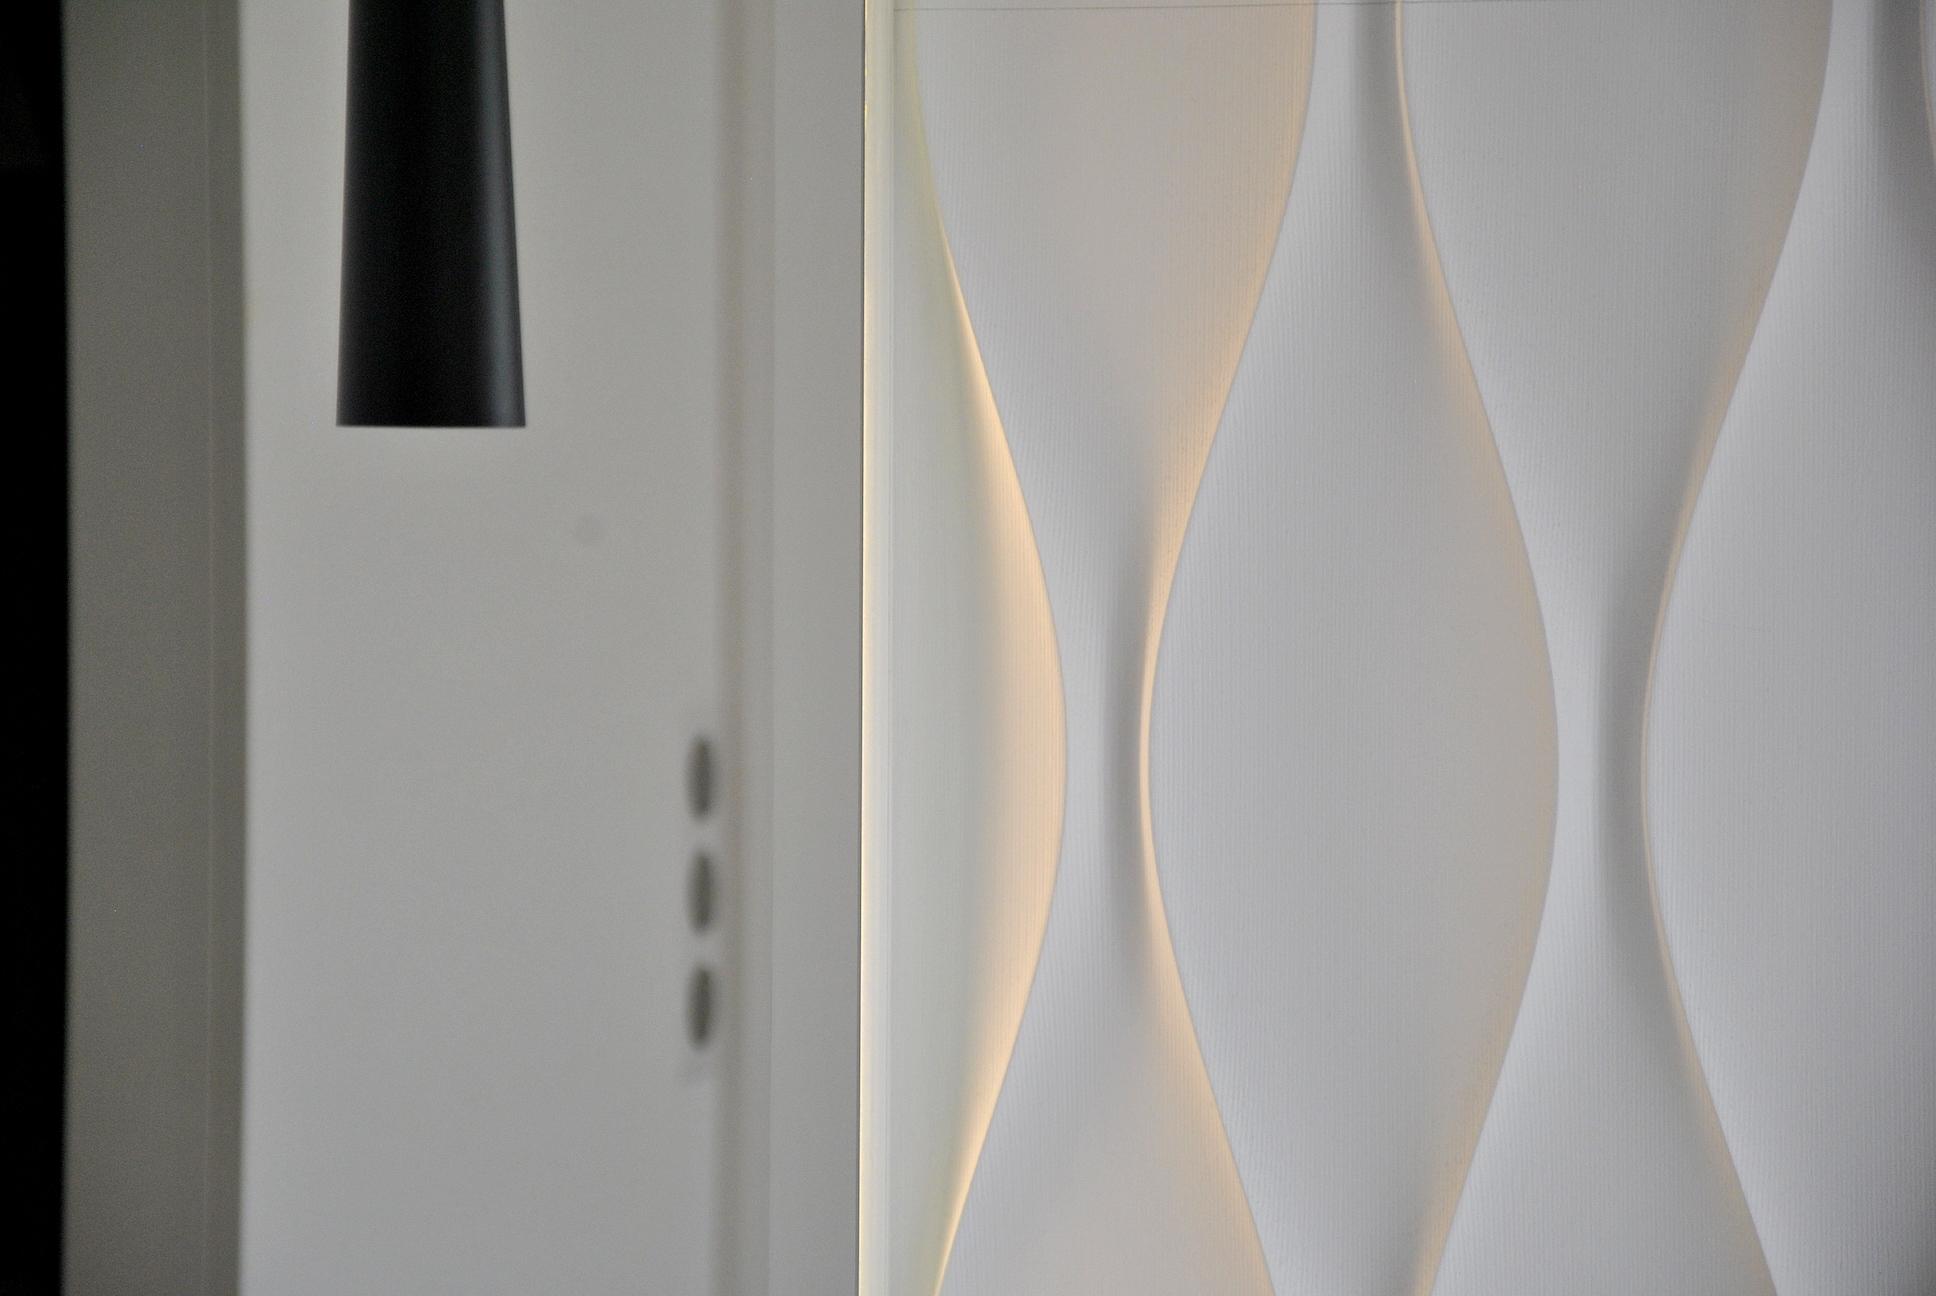 Nasza sypialnia  wasza inspiracja, czyli jak urządzić małe wnętrze ...